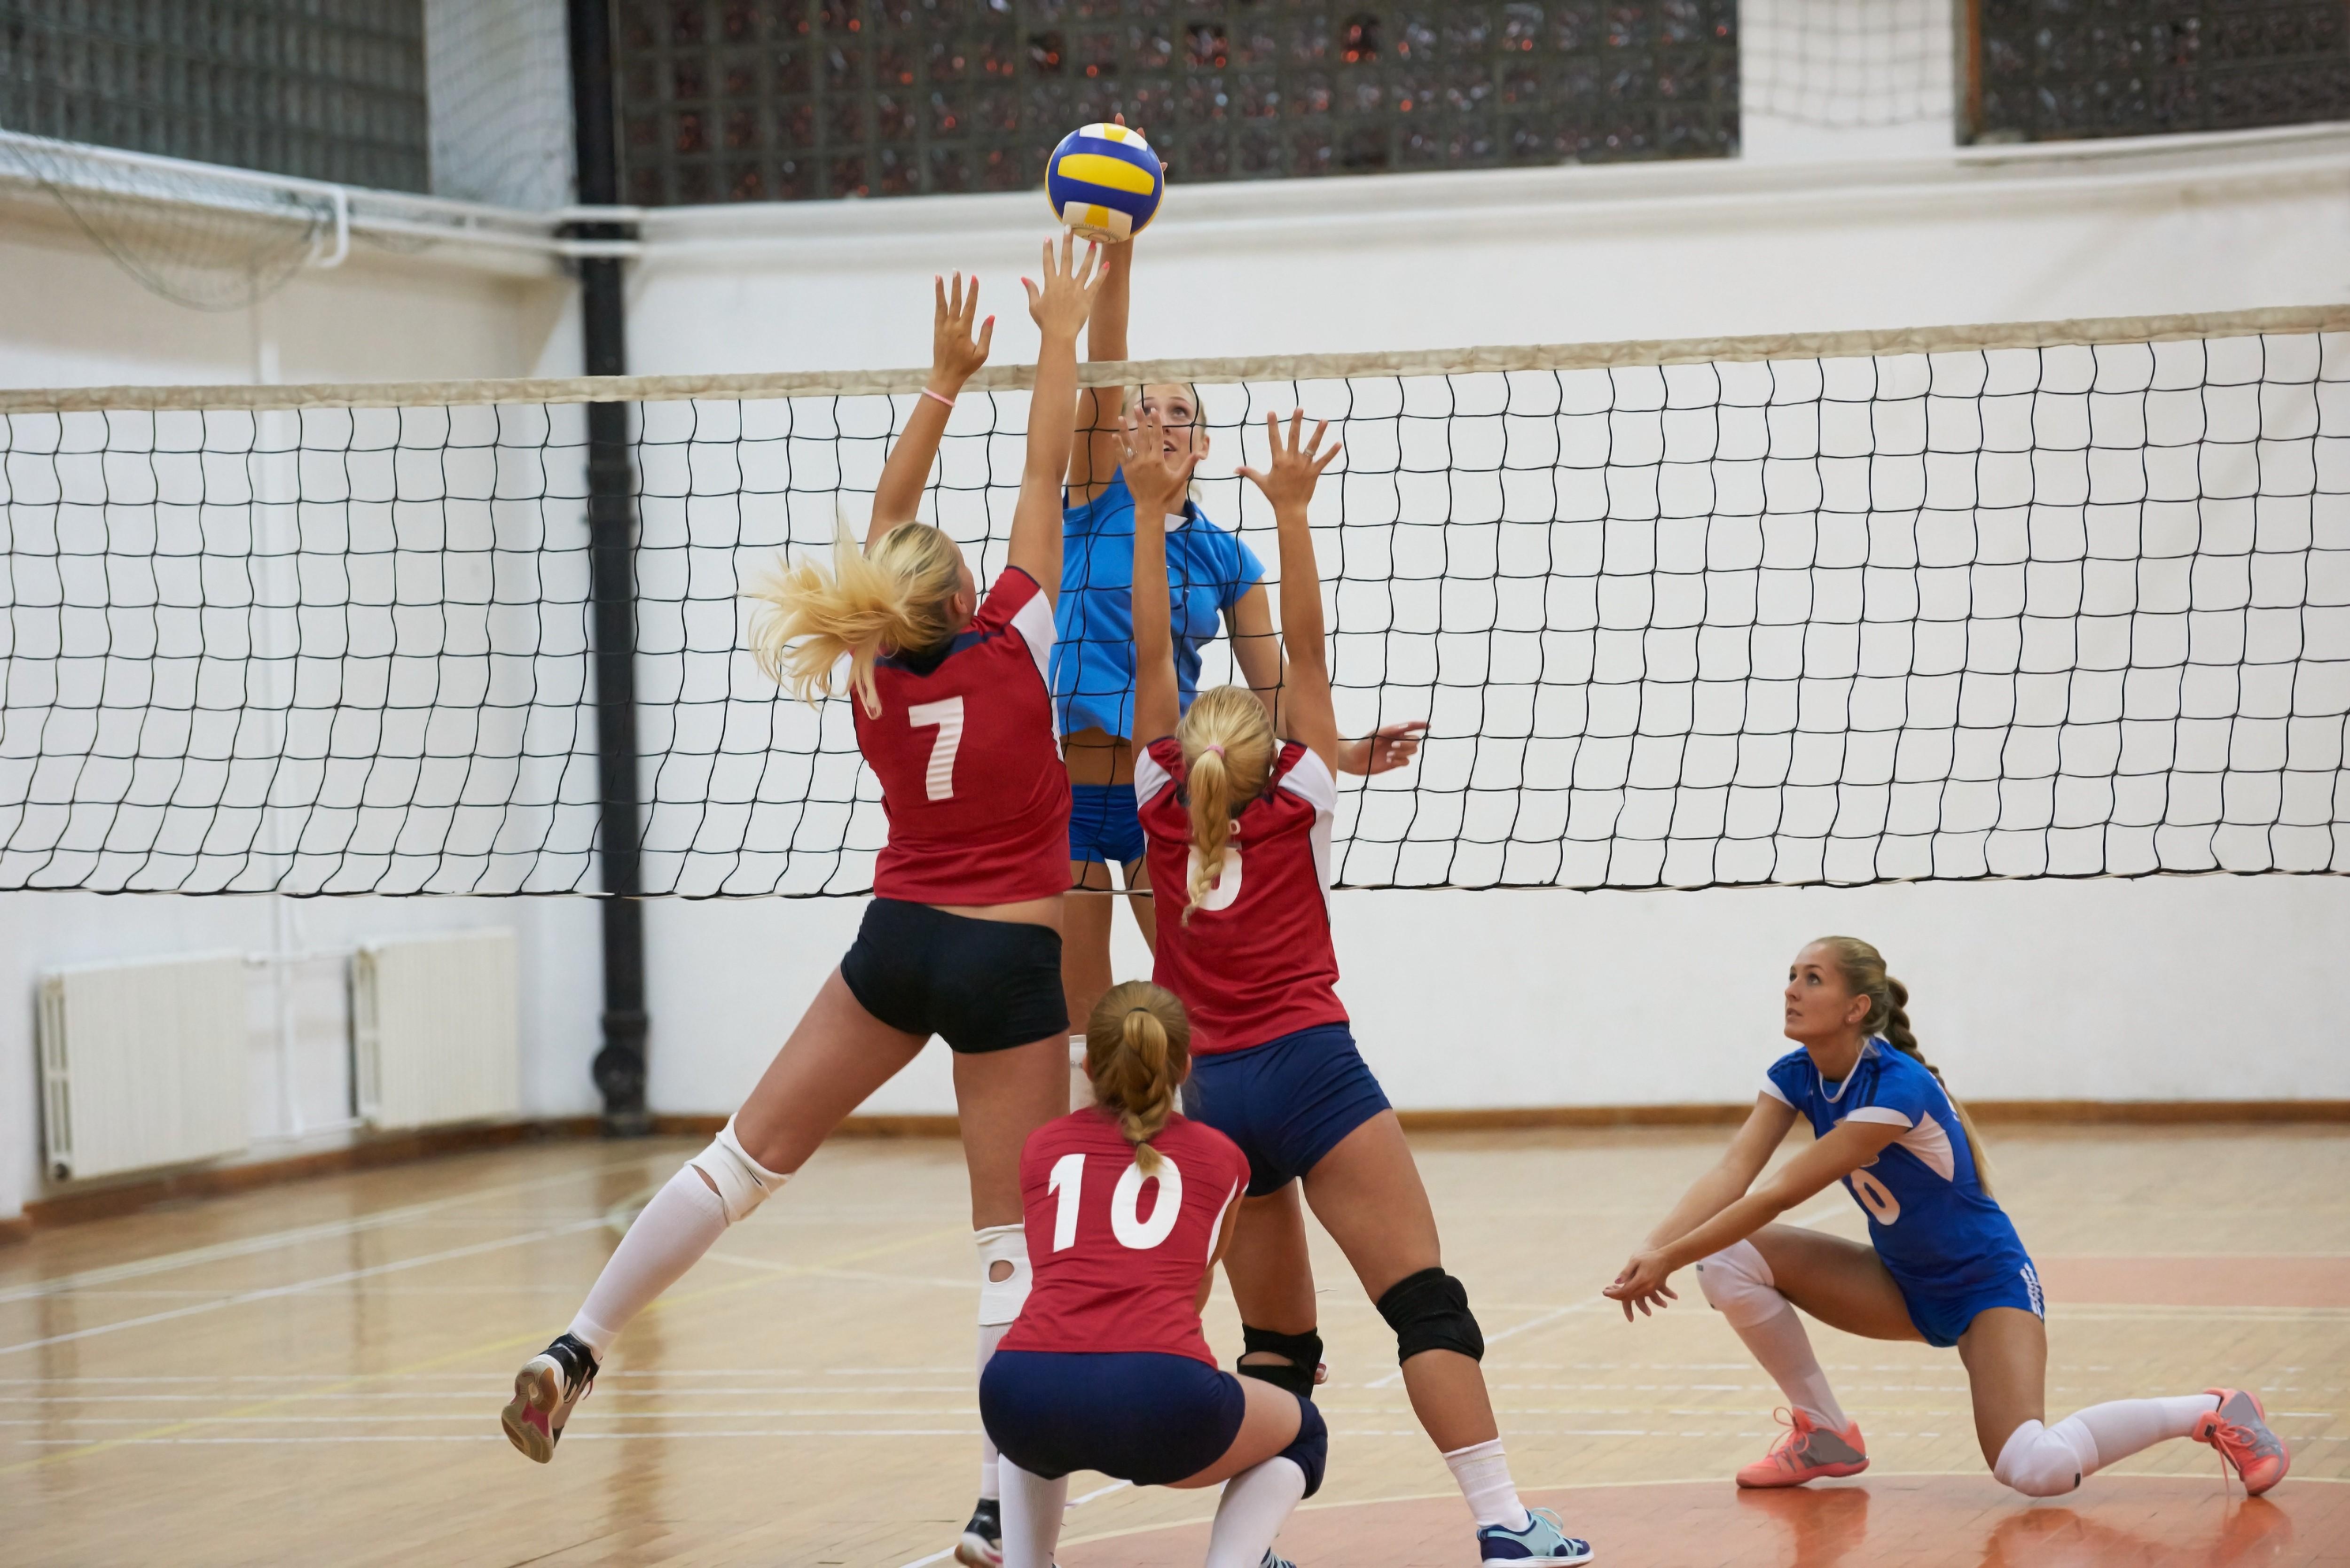 Quelles sont les fautes de jeux au Volley-ball ?